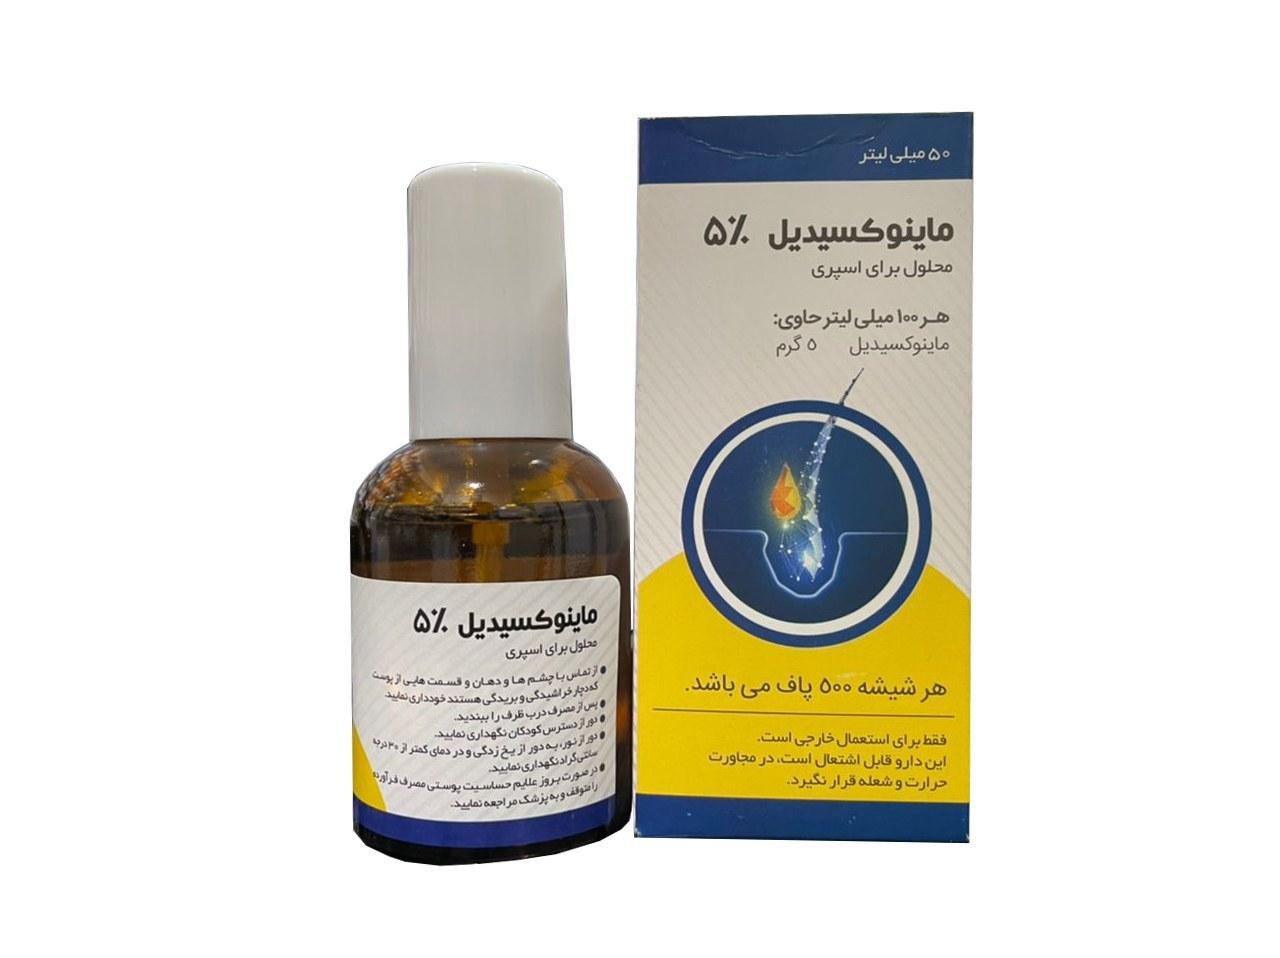 تصویر اسپری ماینوکسیدیل ۵ درصد ایران دارو (50 میلی لیتر)